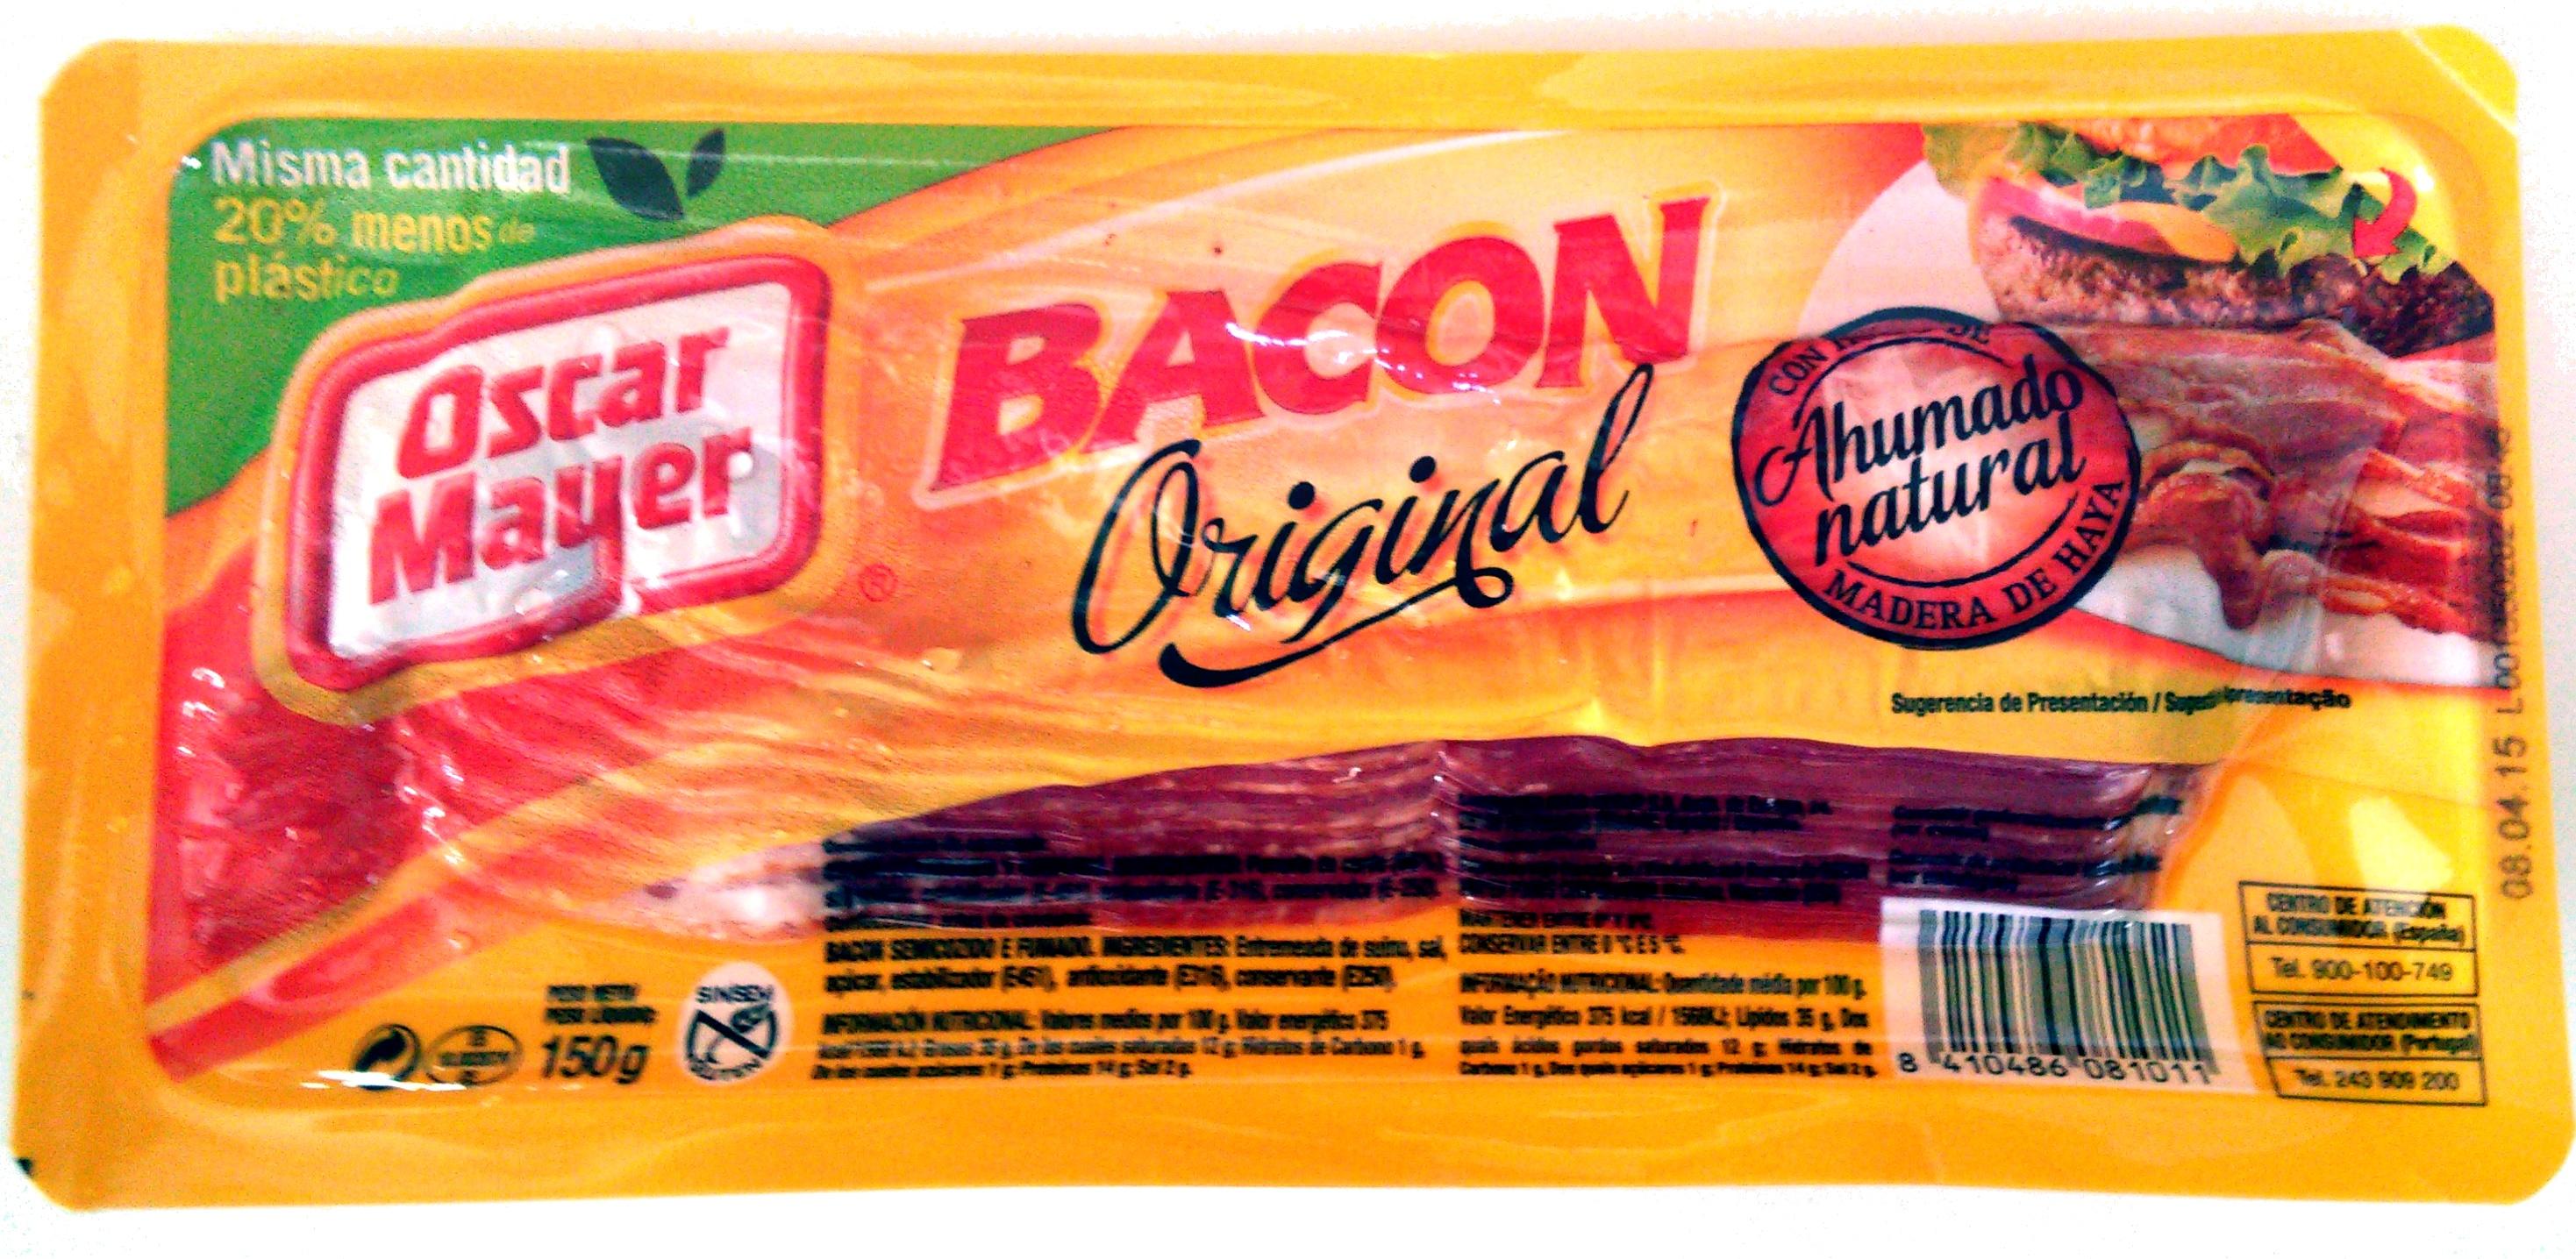 Bacon curado ahumado natural lonchas sin gluten - Producto - es